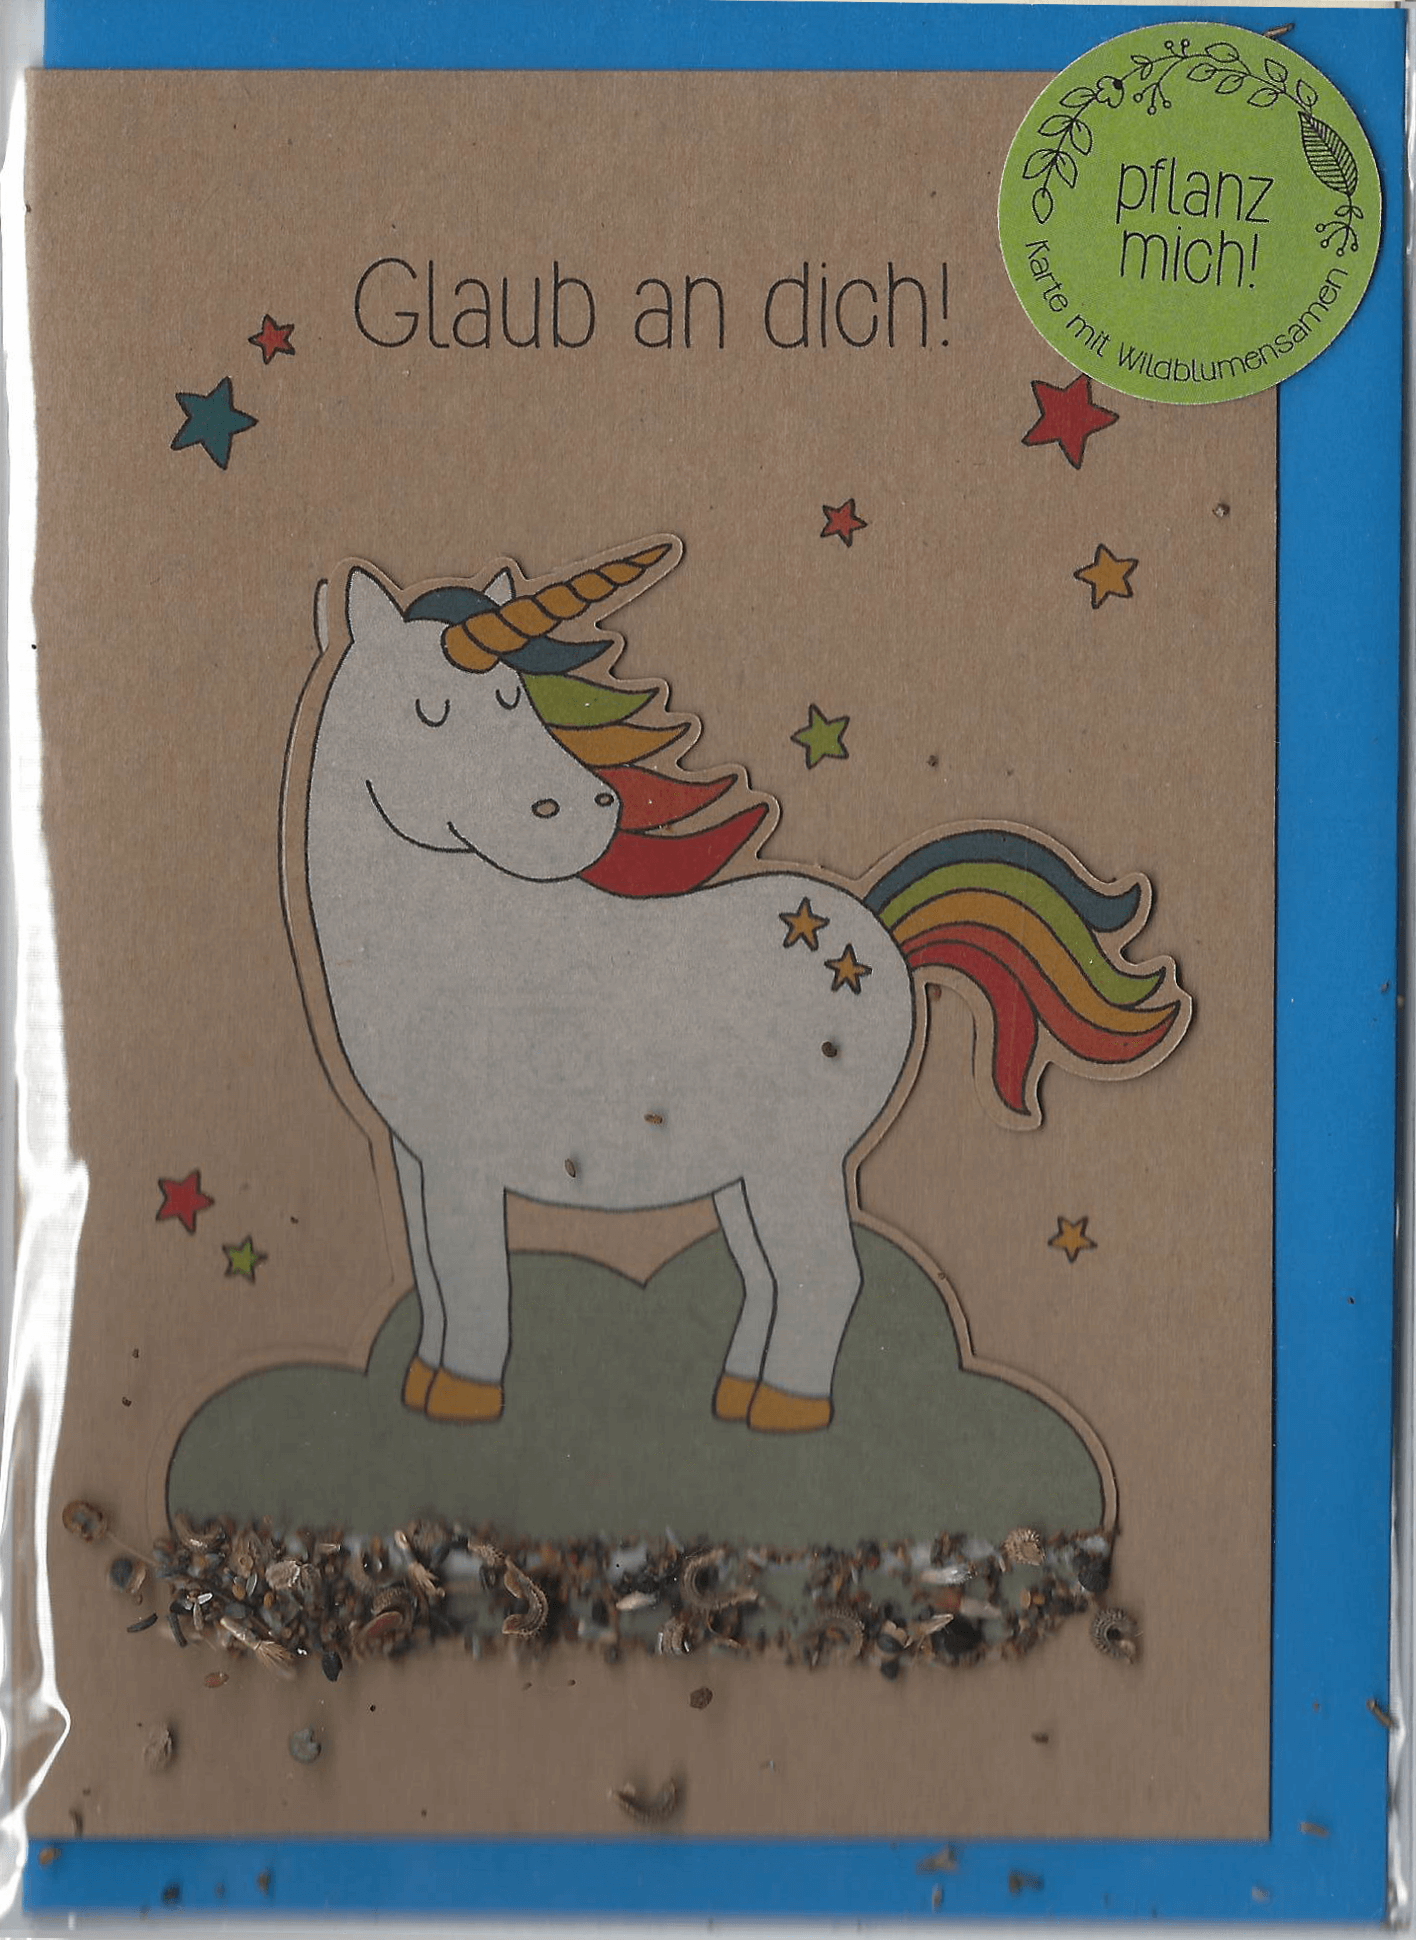 Stadtgärtner Saat-Grußkarte Glaub an Dich! - Einhorn